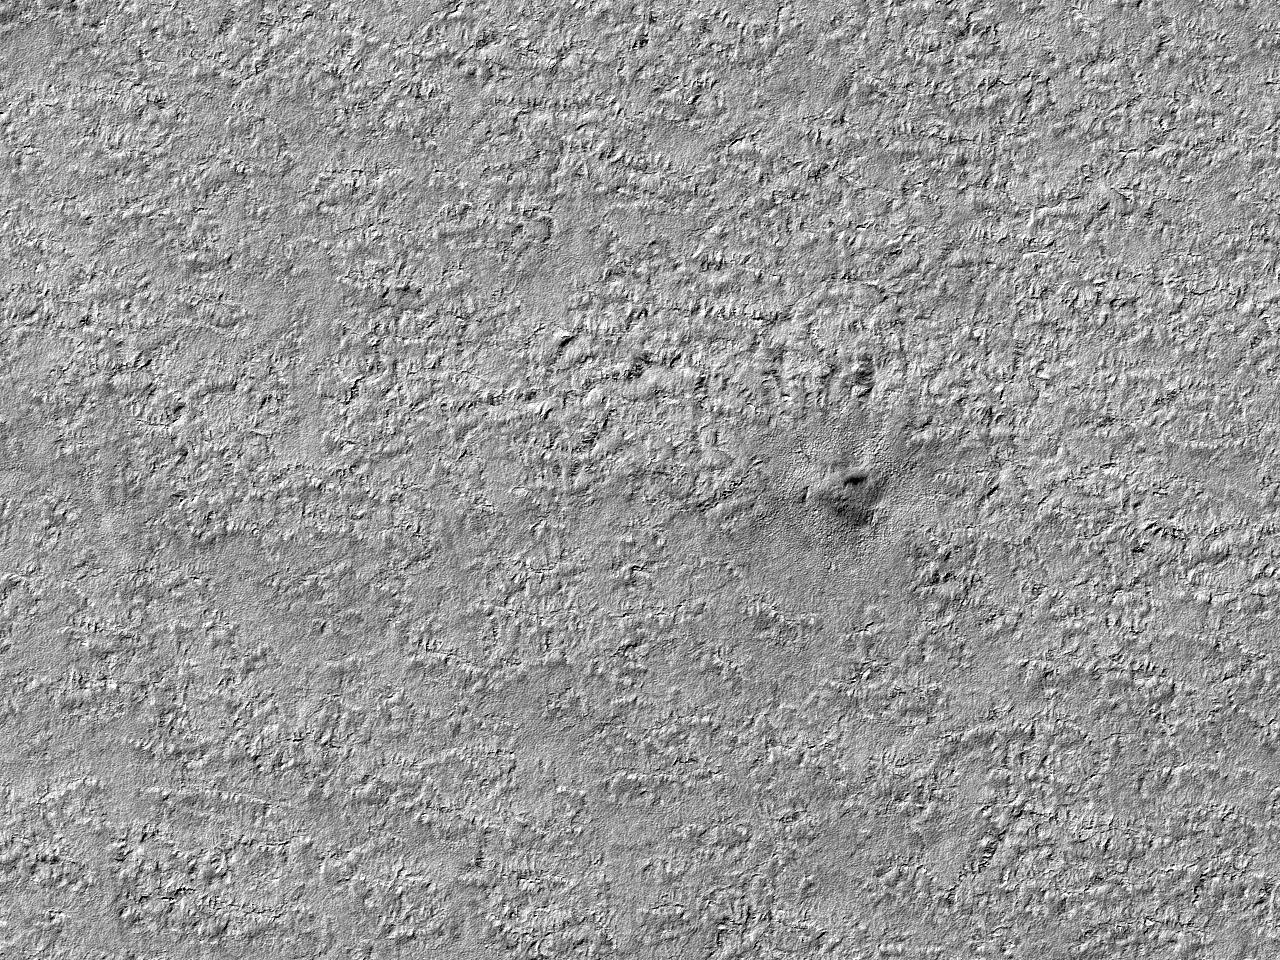 Lite nedslagskrater i terrenget ved sørpolen